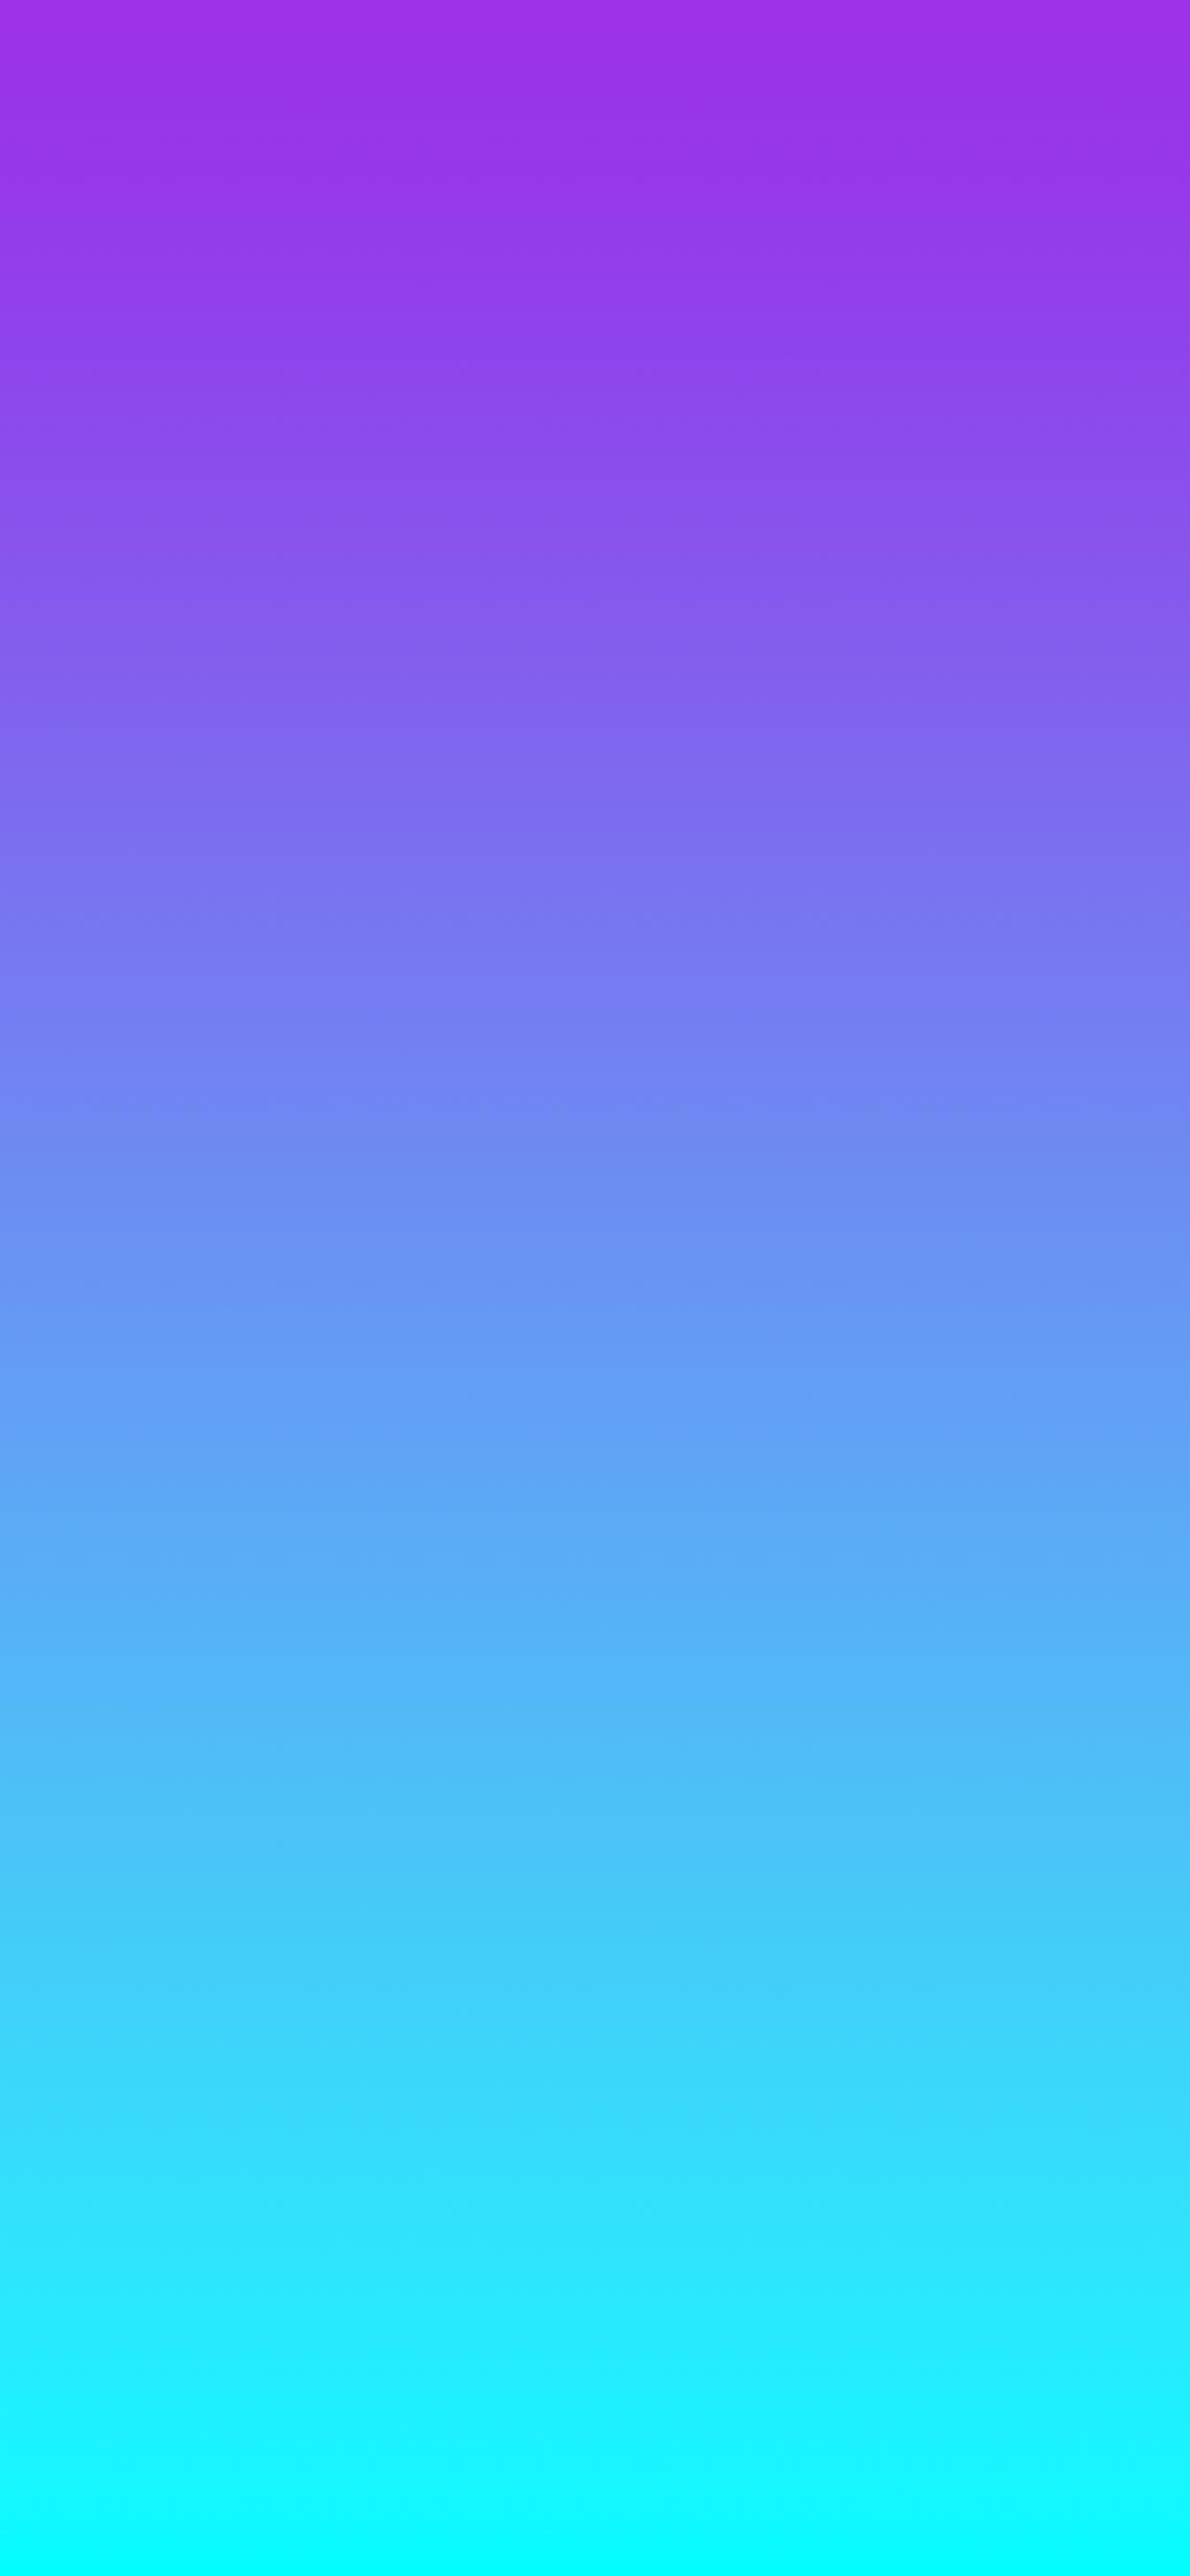 iPhone wallpaper gradient purple blue Gradient Colors